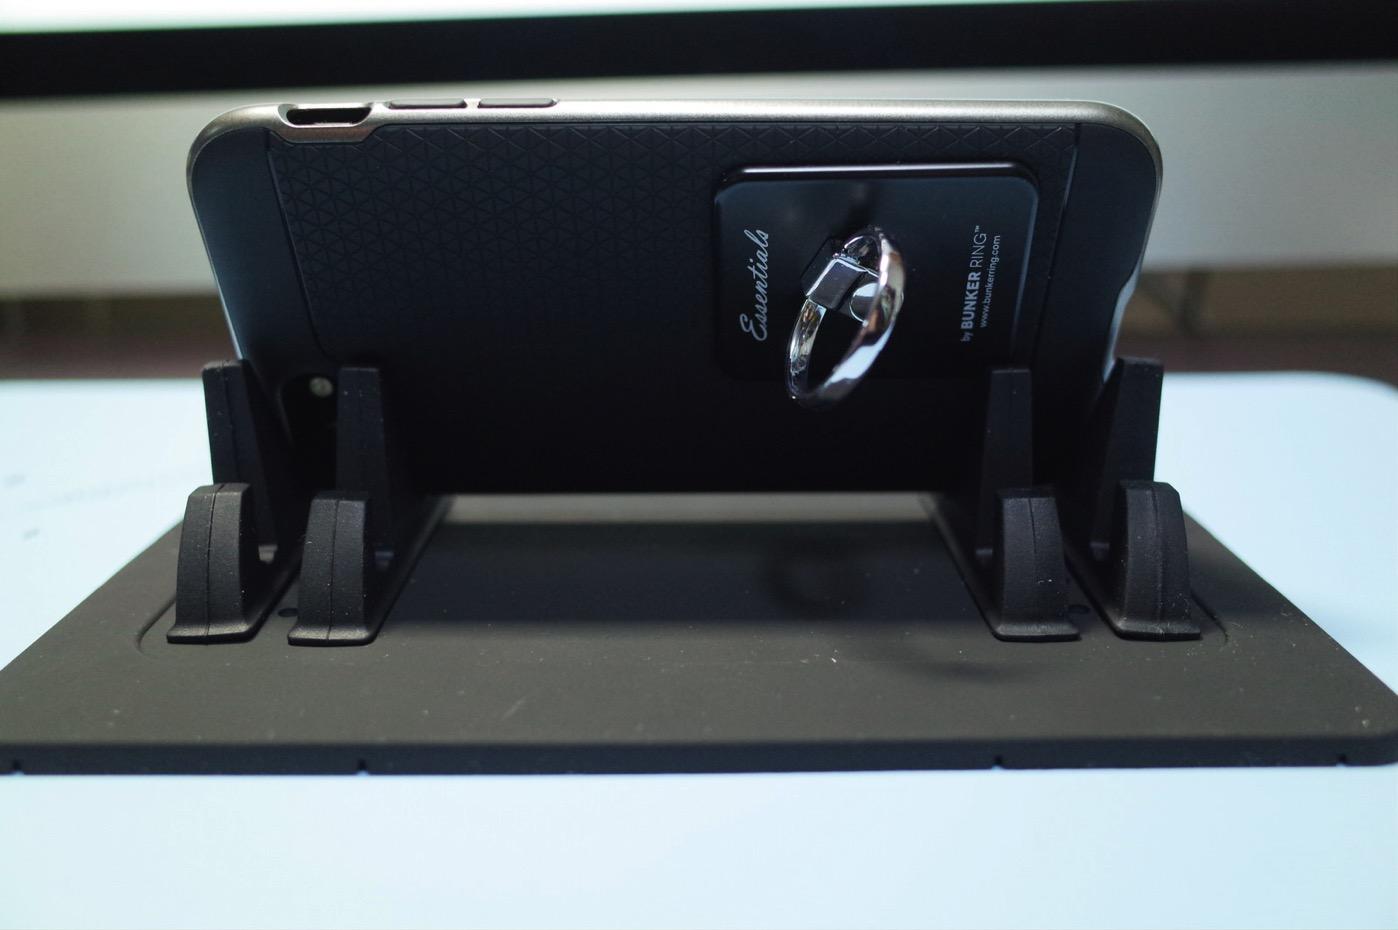 EReachシリコンスマートフォン・携帯車載GPSホルダー ダッシュボード iPhone&Android スタンド (黒)-11